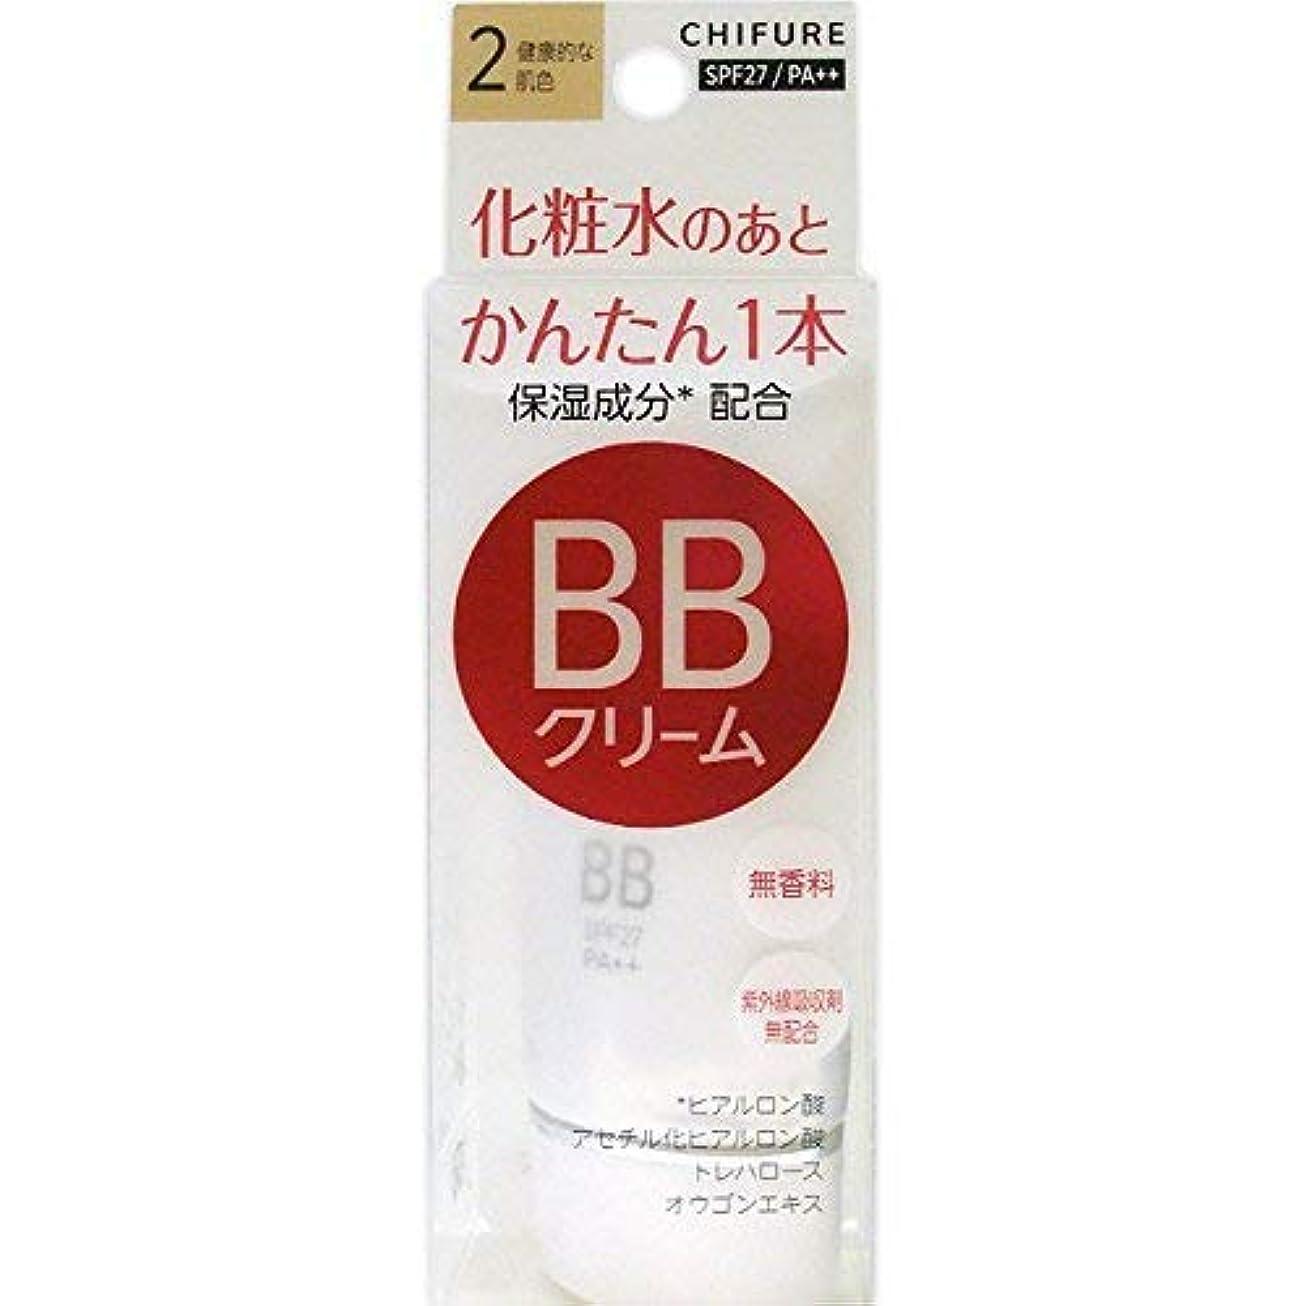 ペネロペリンス雄大なちふれ化粧品 BB クリーム 2 健康的な肌色 BBクリーム 2